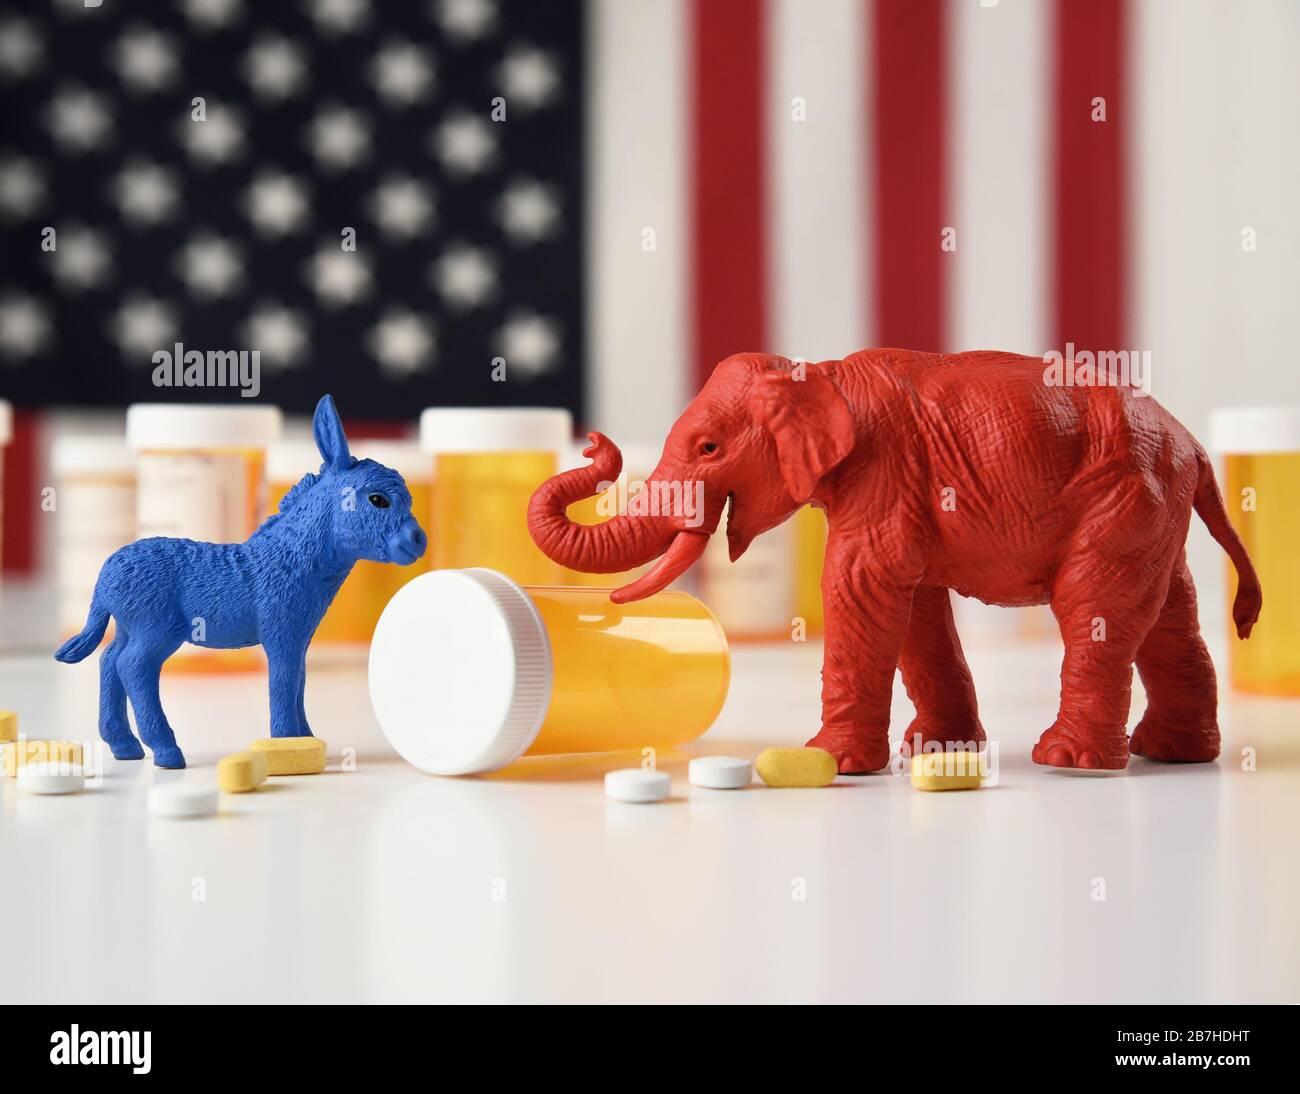 Un âne bleu en tant que démocrate et un éléphant rouge en tant que républicain sont contre un drapeau américain avec des bouteilles de pilule d'ordonnance pour un concept de coût médical Banque D'Images